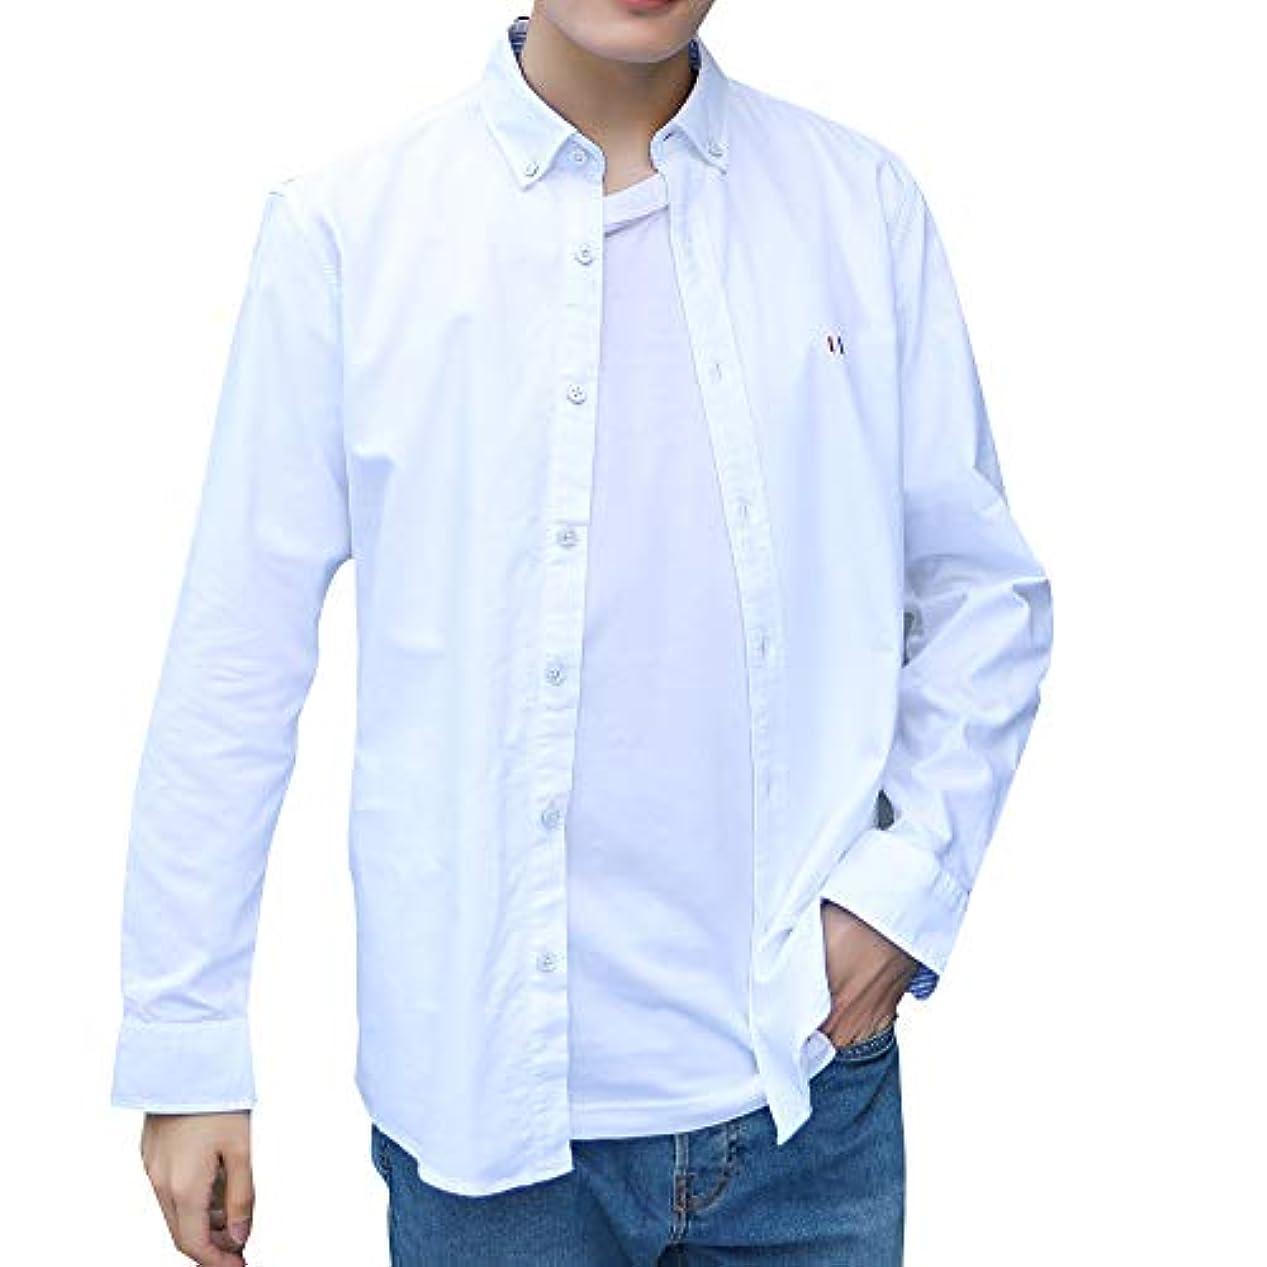 クッション恐れる間違いシャツ メンズ 長袖 オックスフォードシャツ 無地 ビジネス Yシャツ ボタンダウン ワイドカラー カジュアル ワイシャツ